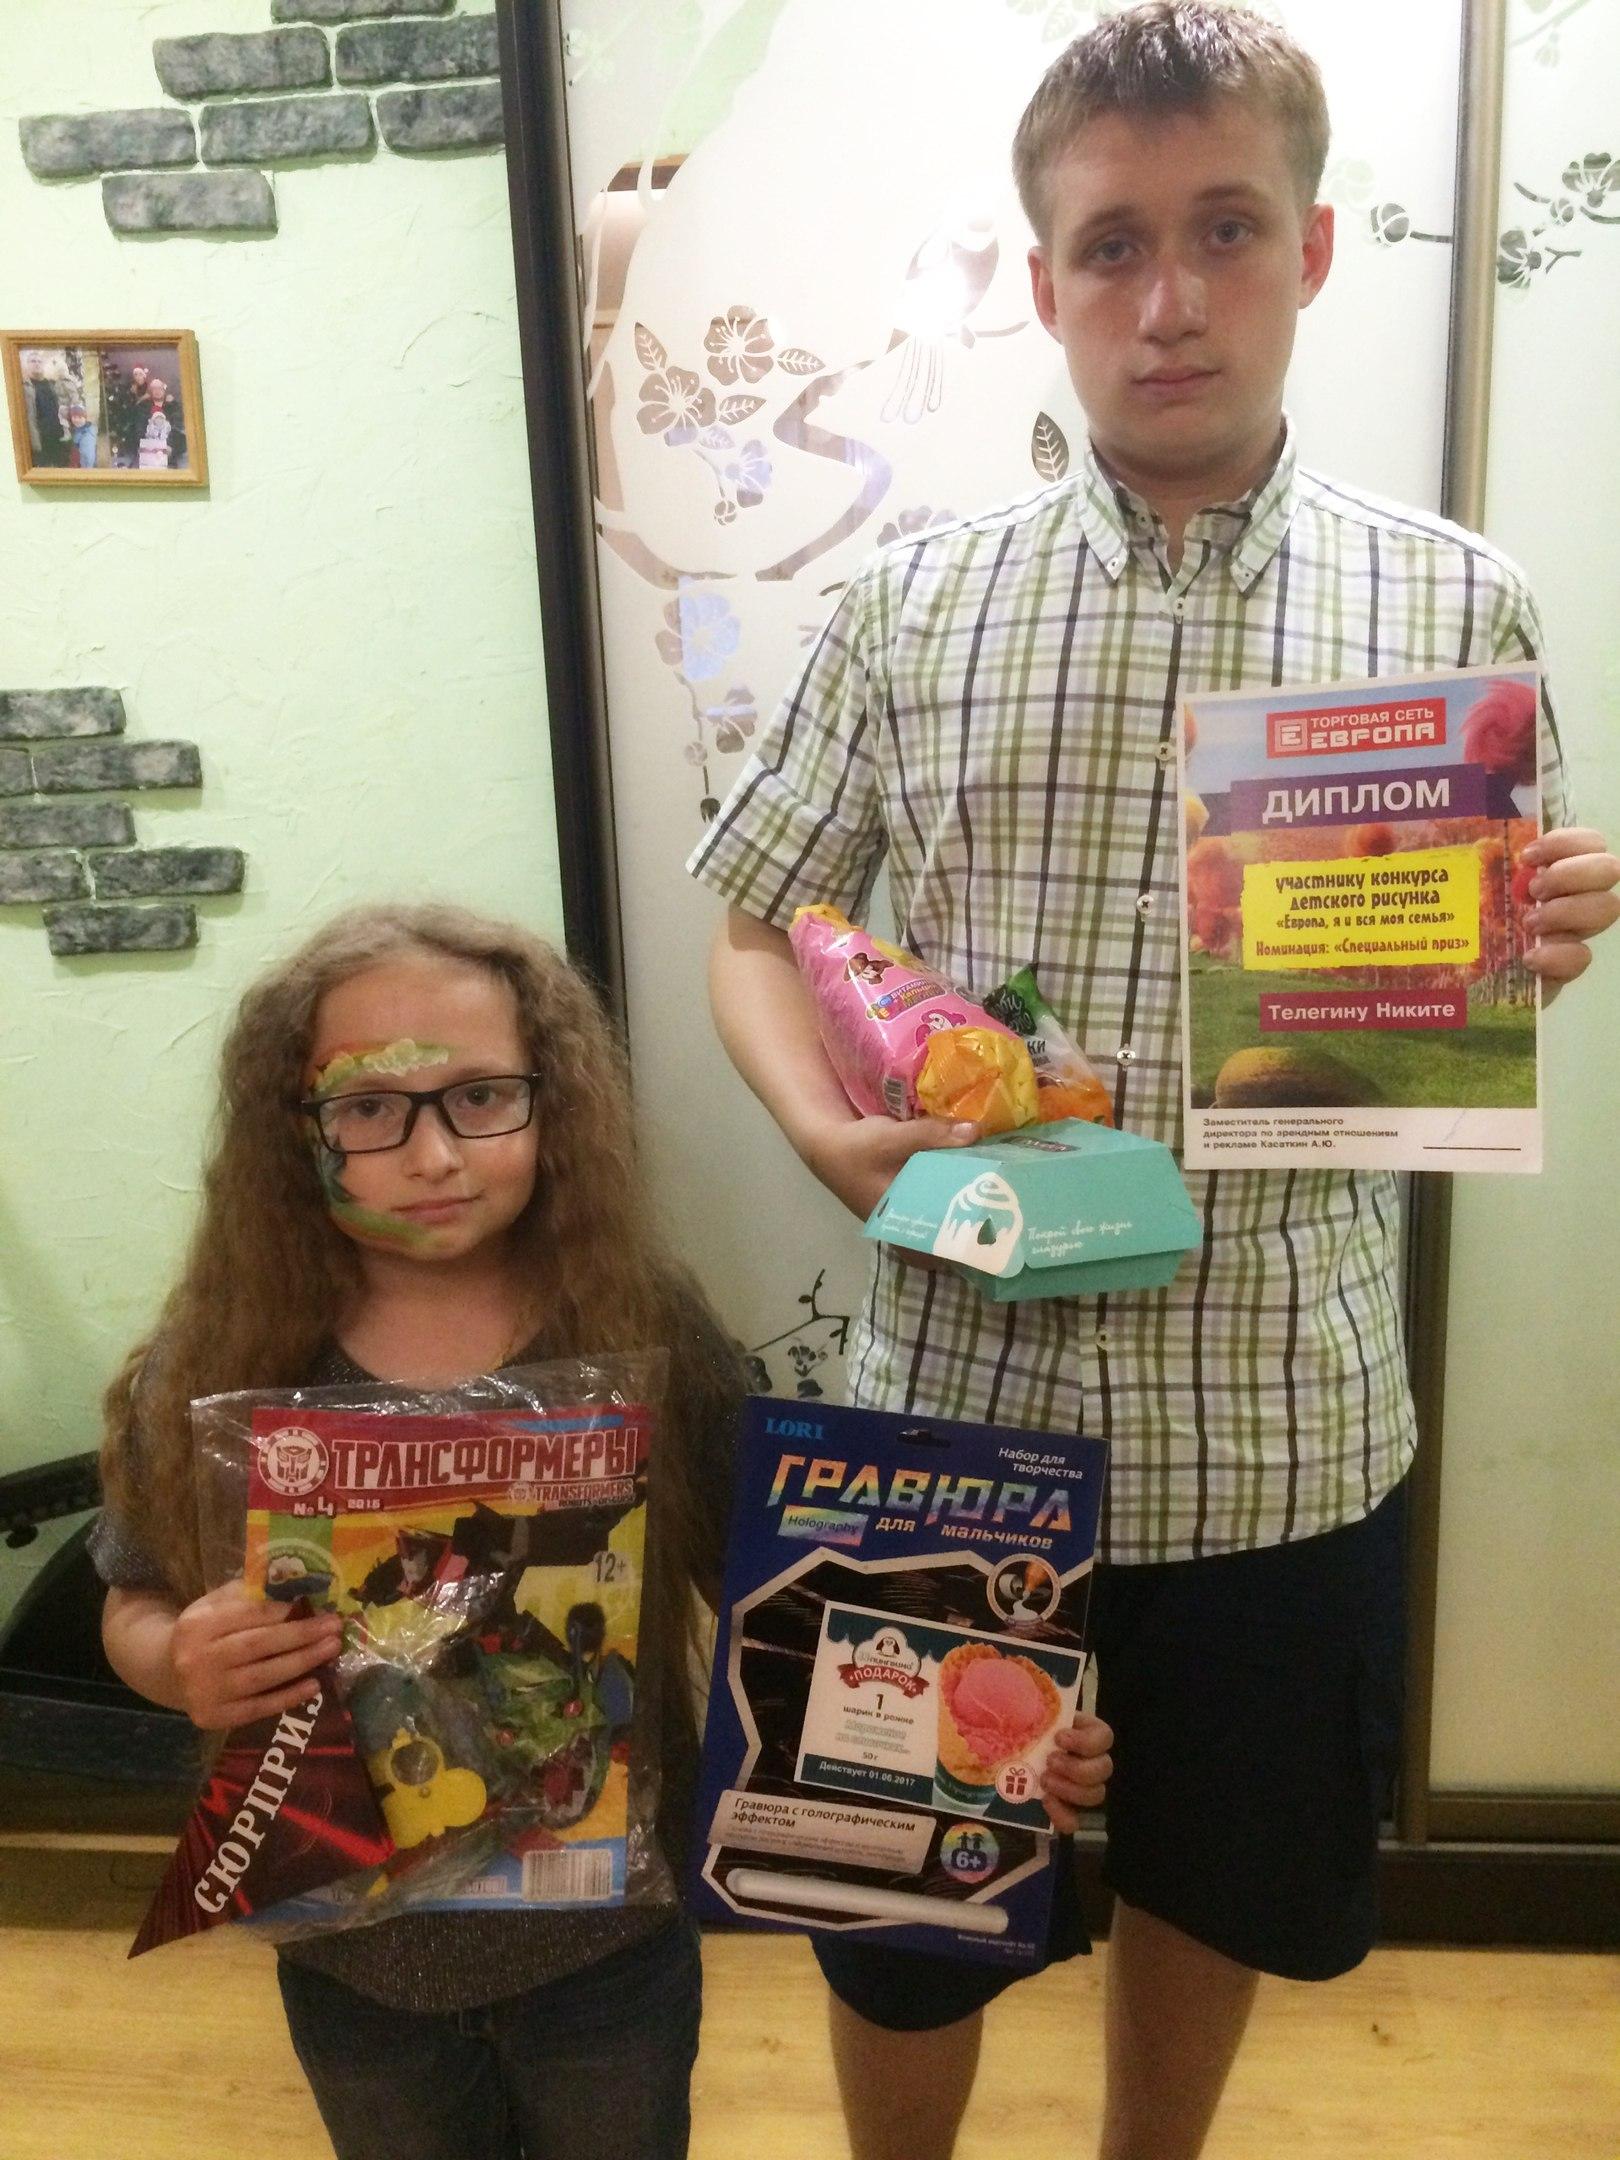 Специальный приз от Жюри: Телегин Никита 16 лет. Телегина Анастасия 9 лет. Для дома ?? для дачи и пикника. В магазине ЕВРОПА, есть ВСЁ и всегда